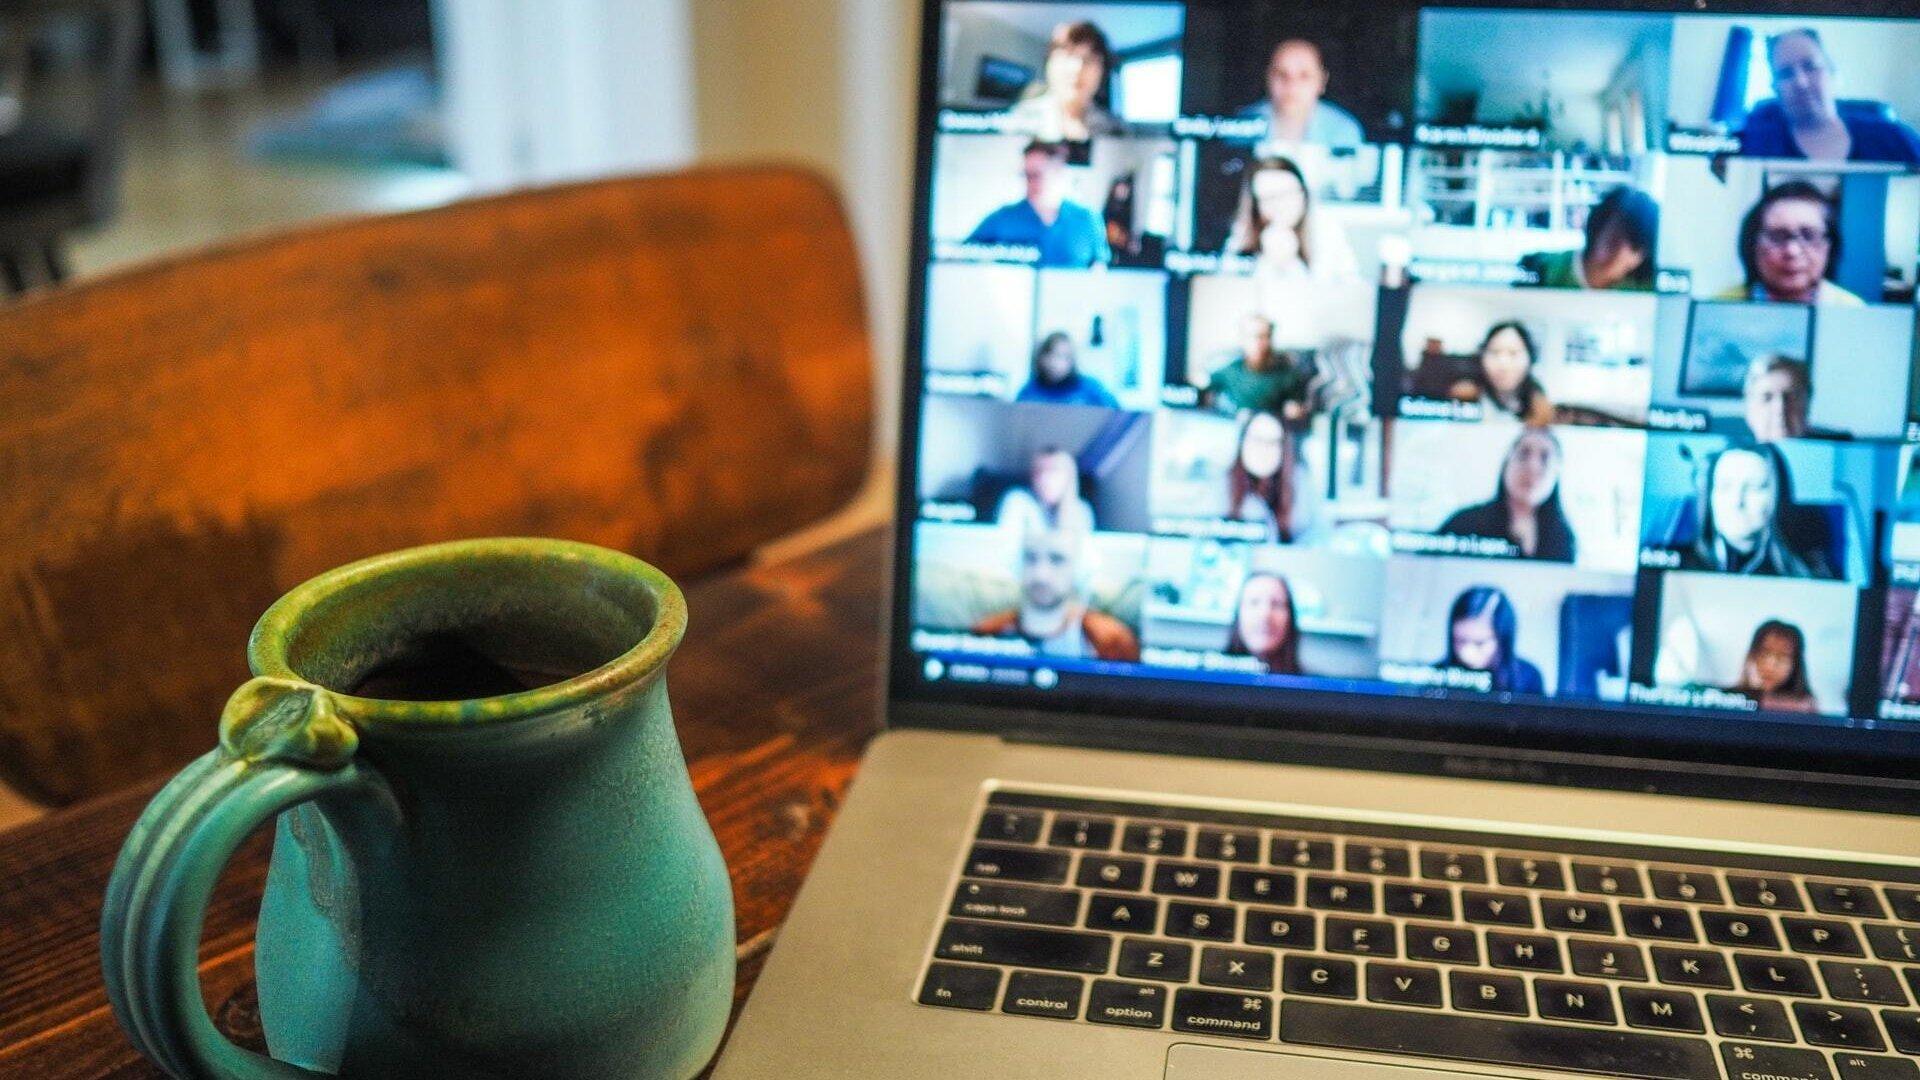 Eine Kaffeetasse steht auf einem Tisch vor einem Laptop. Auf dem Laptop findet eine Videokonferenz statt.